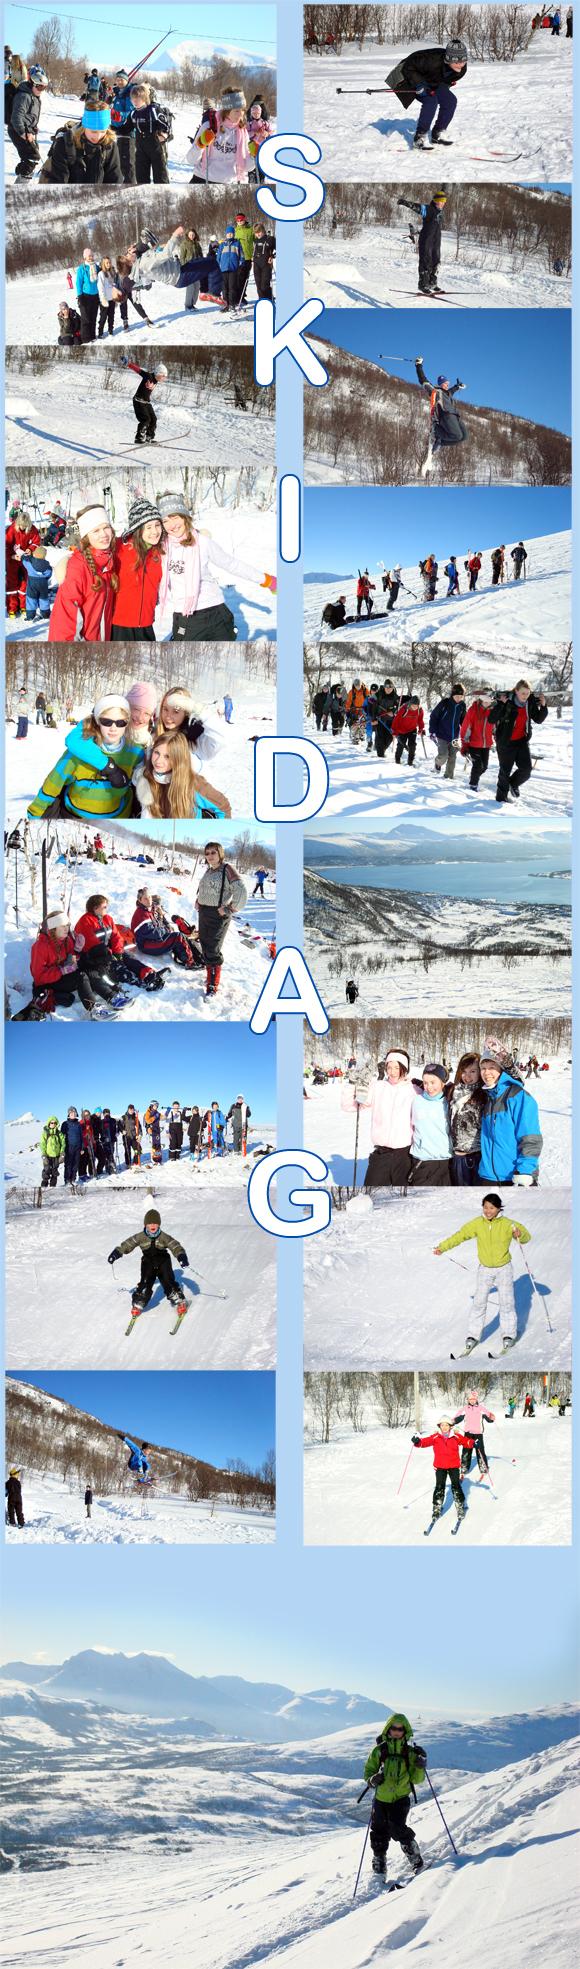 skidagen_kollasj_2008.jpg